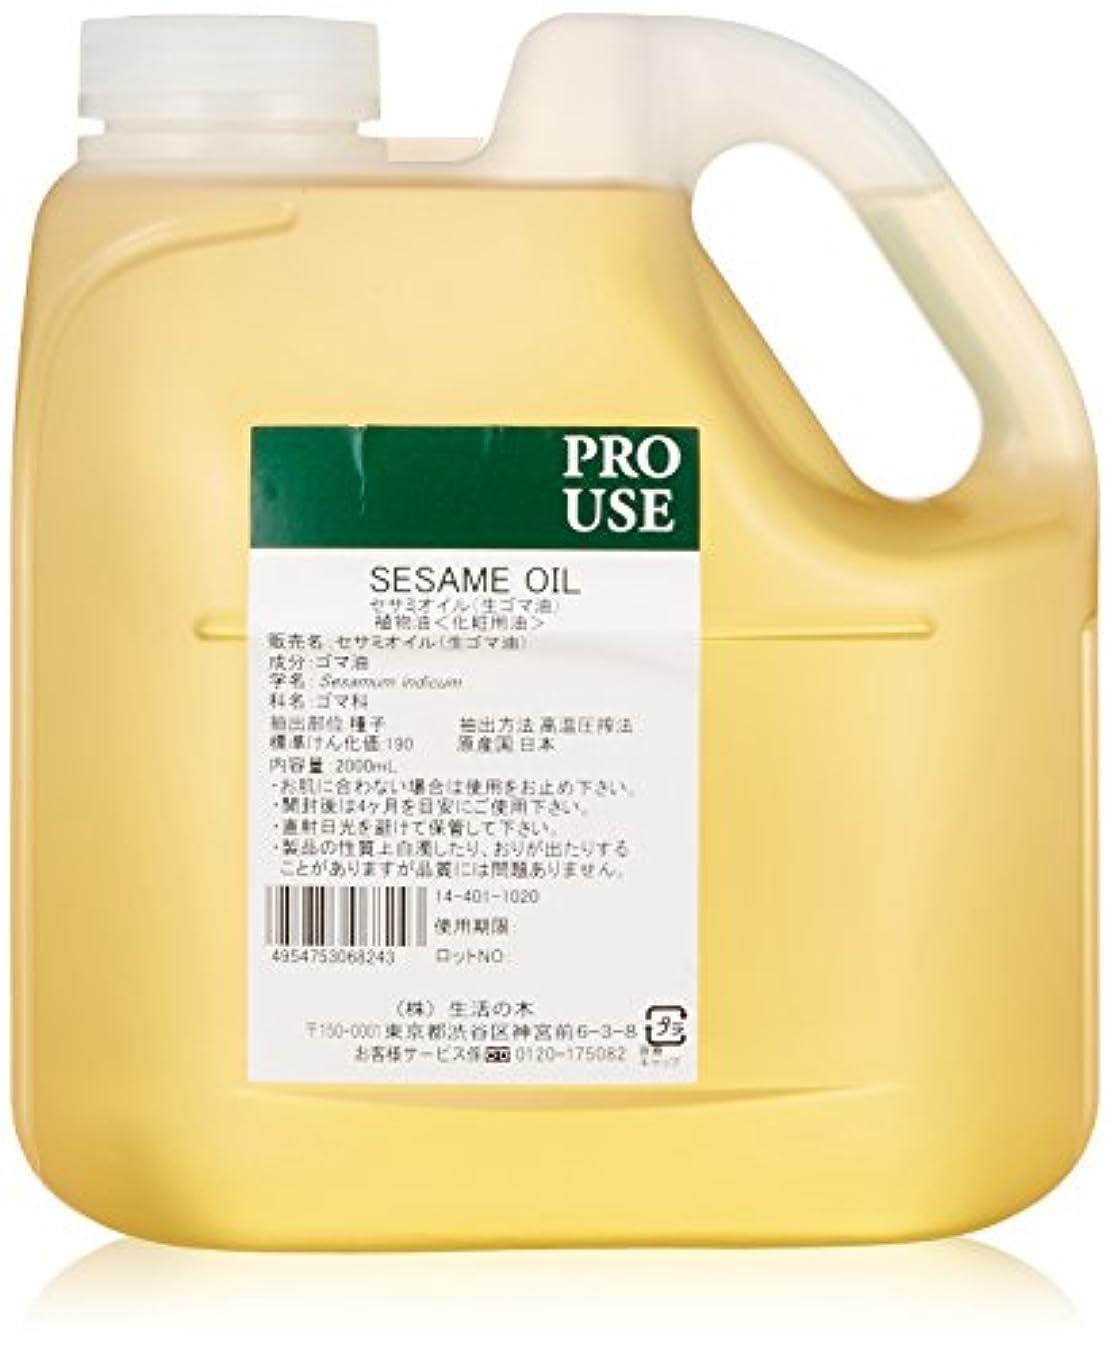 雑品故障重量セサミオイル(生ゴマ油)2000mL